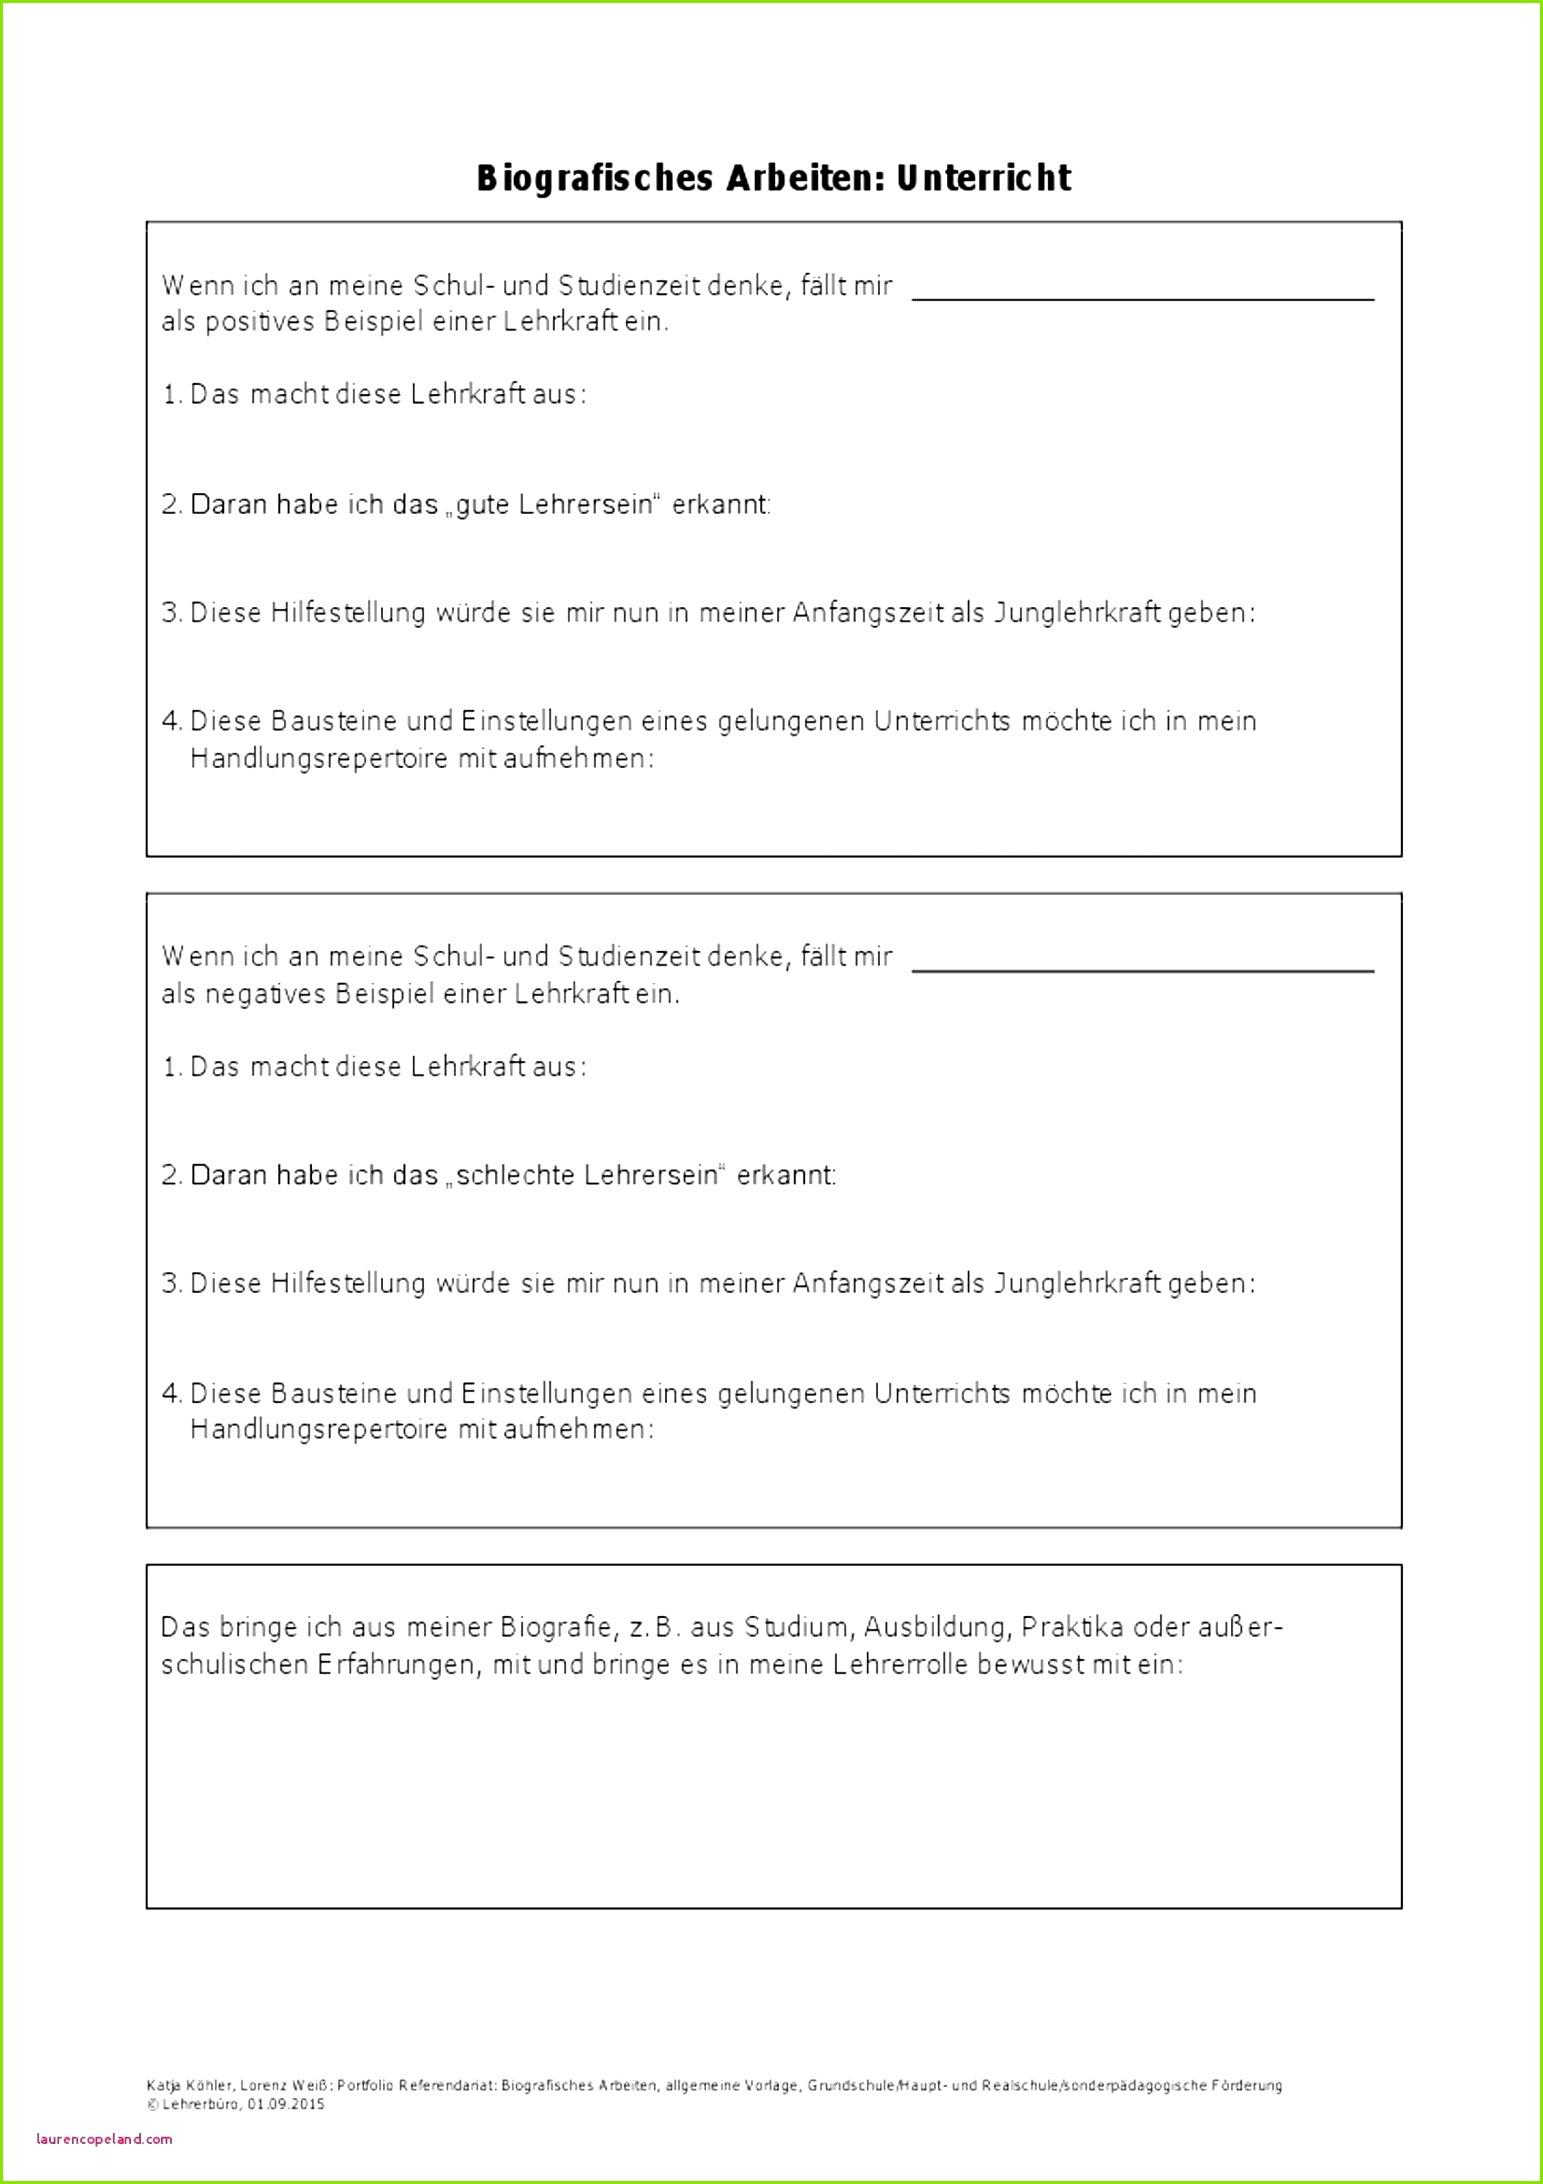 Jahresgesprach Mitarbeiter Vorlage Briefbeispiel Ideen – Page 6 Peacefulperfect Leitfaden Mitarbeitergesprach Vorlage